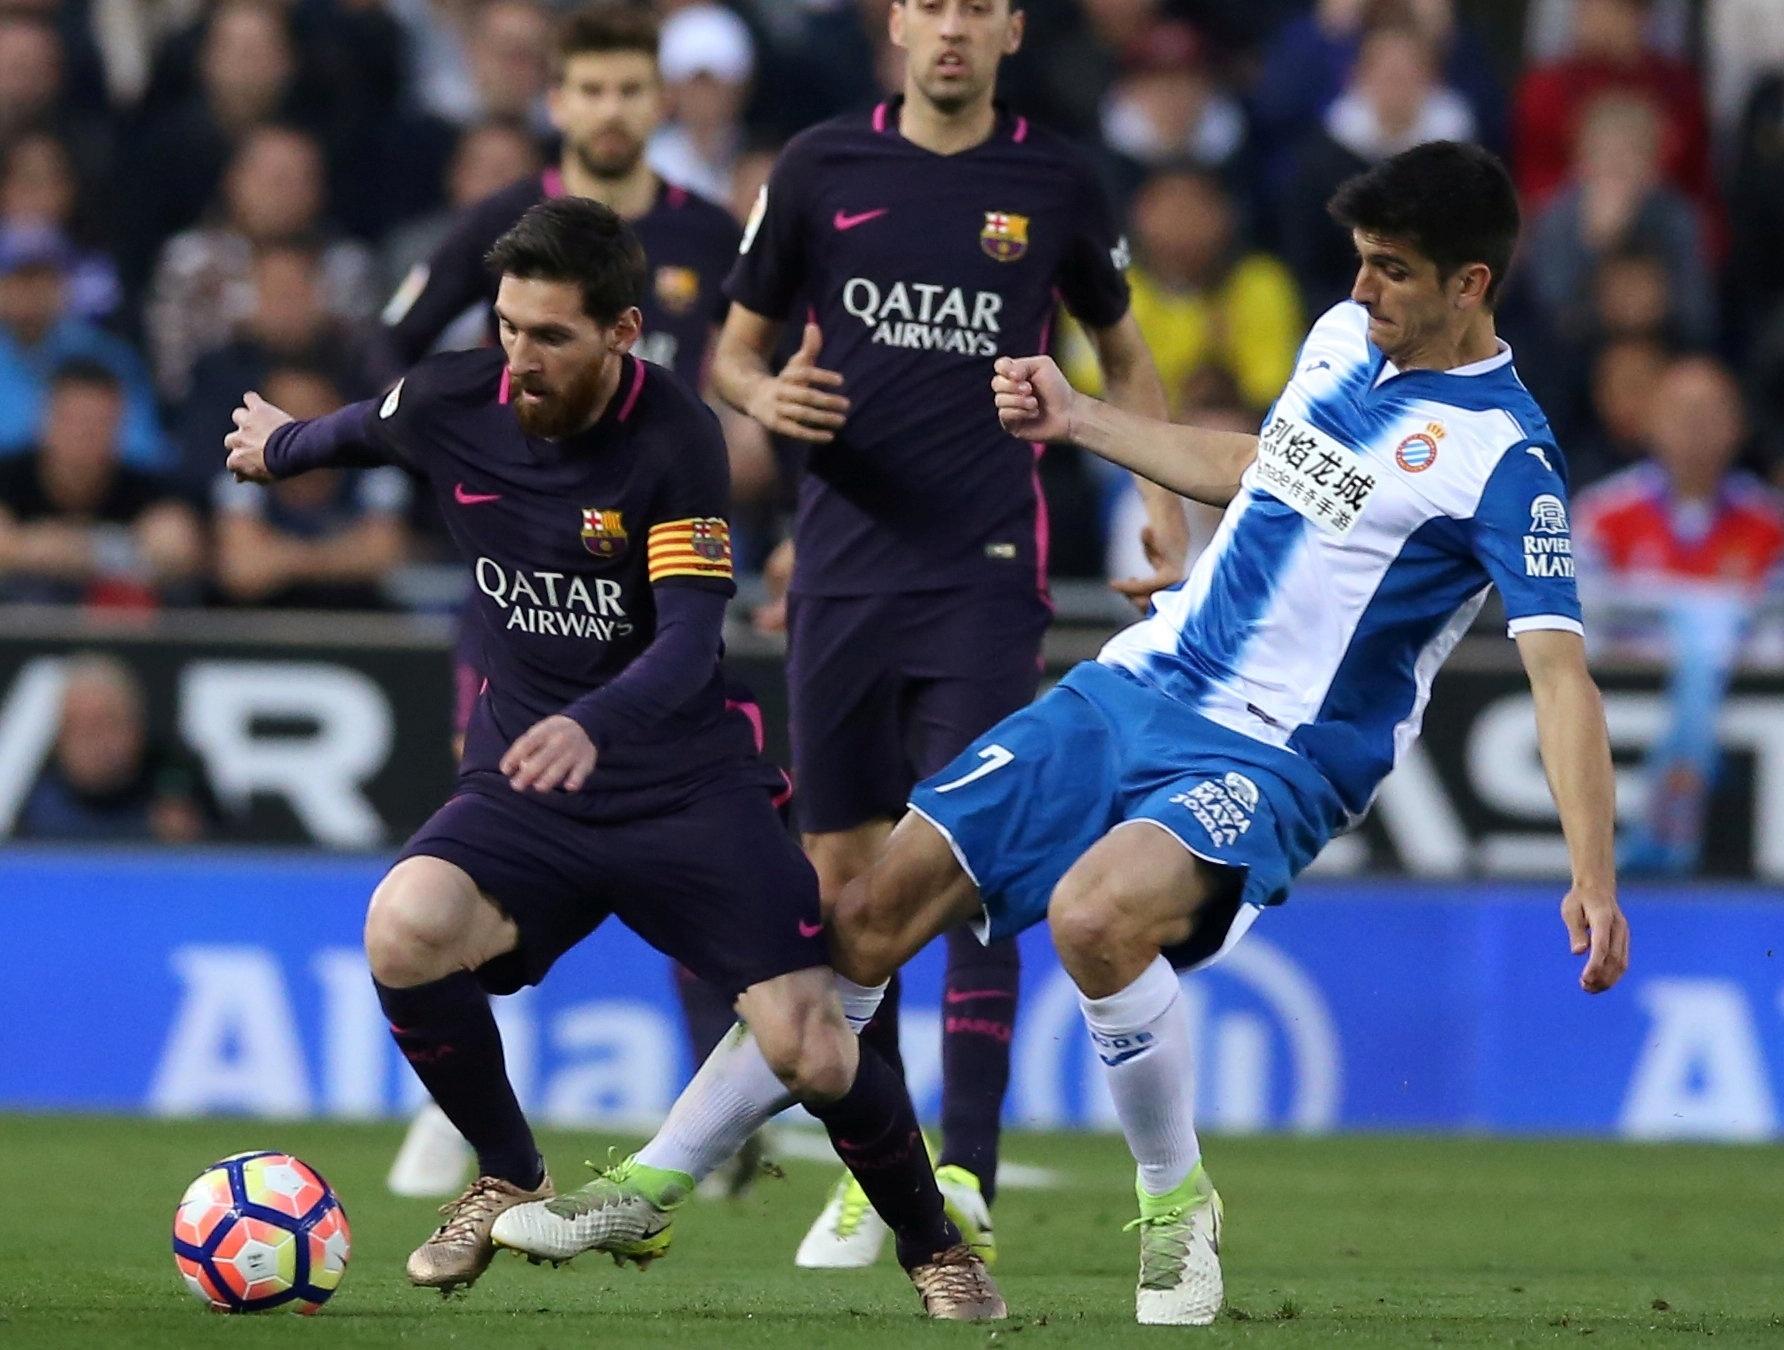 Messi corta a marcação em partida contra o Espanyol